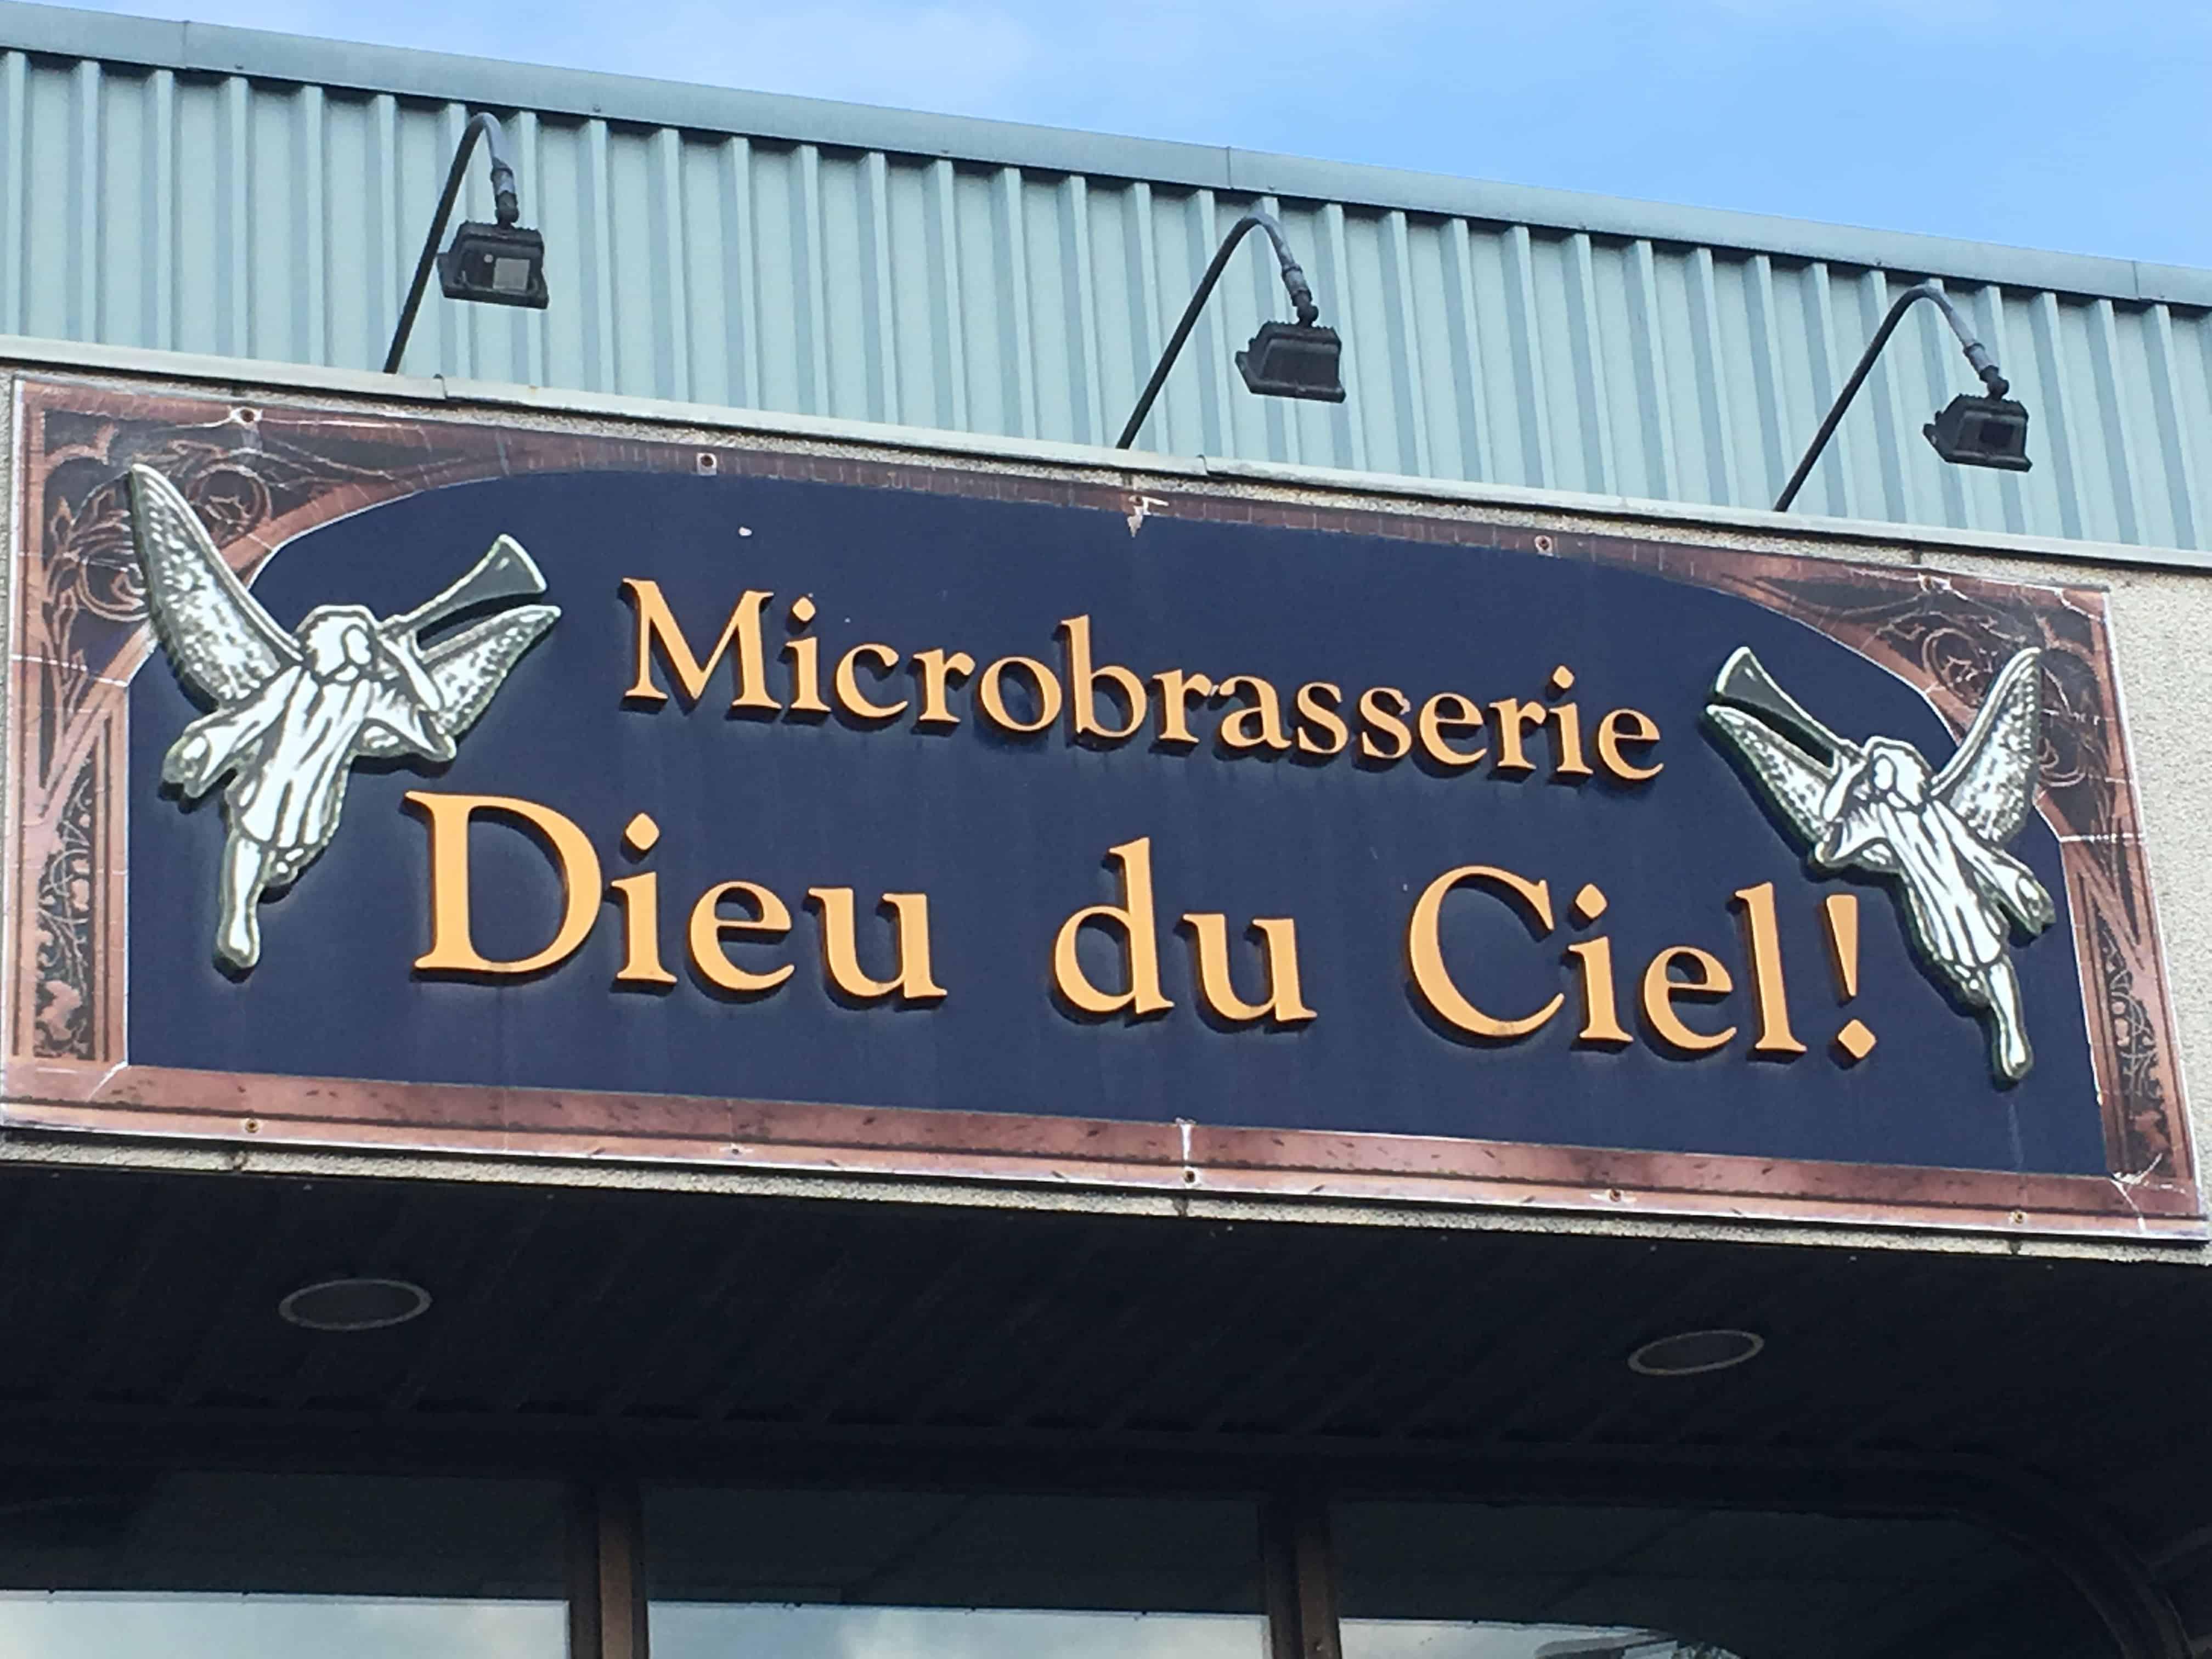 Dieu du Ciel, St-Jérome, Quebec